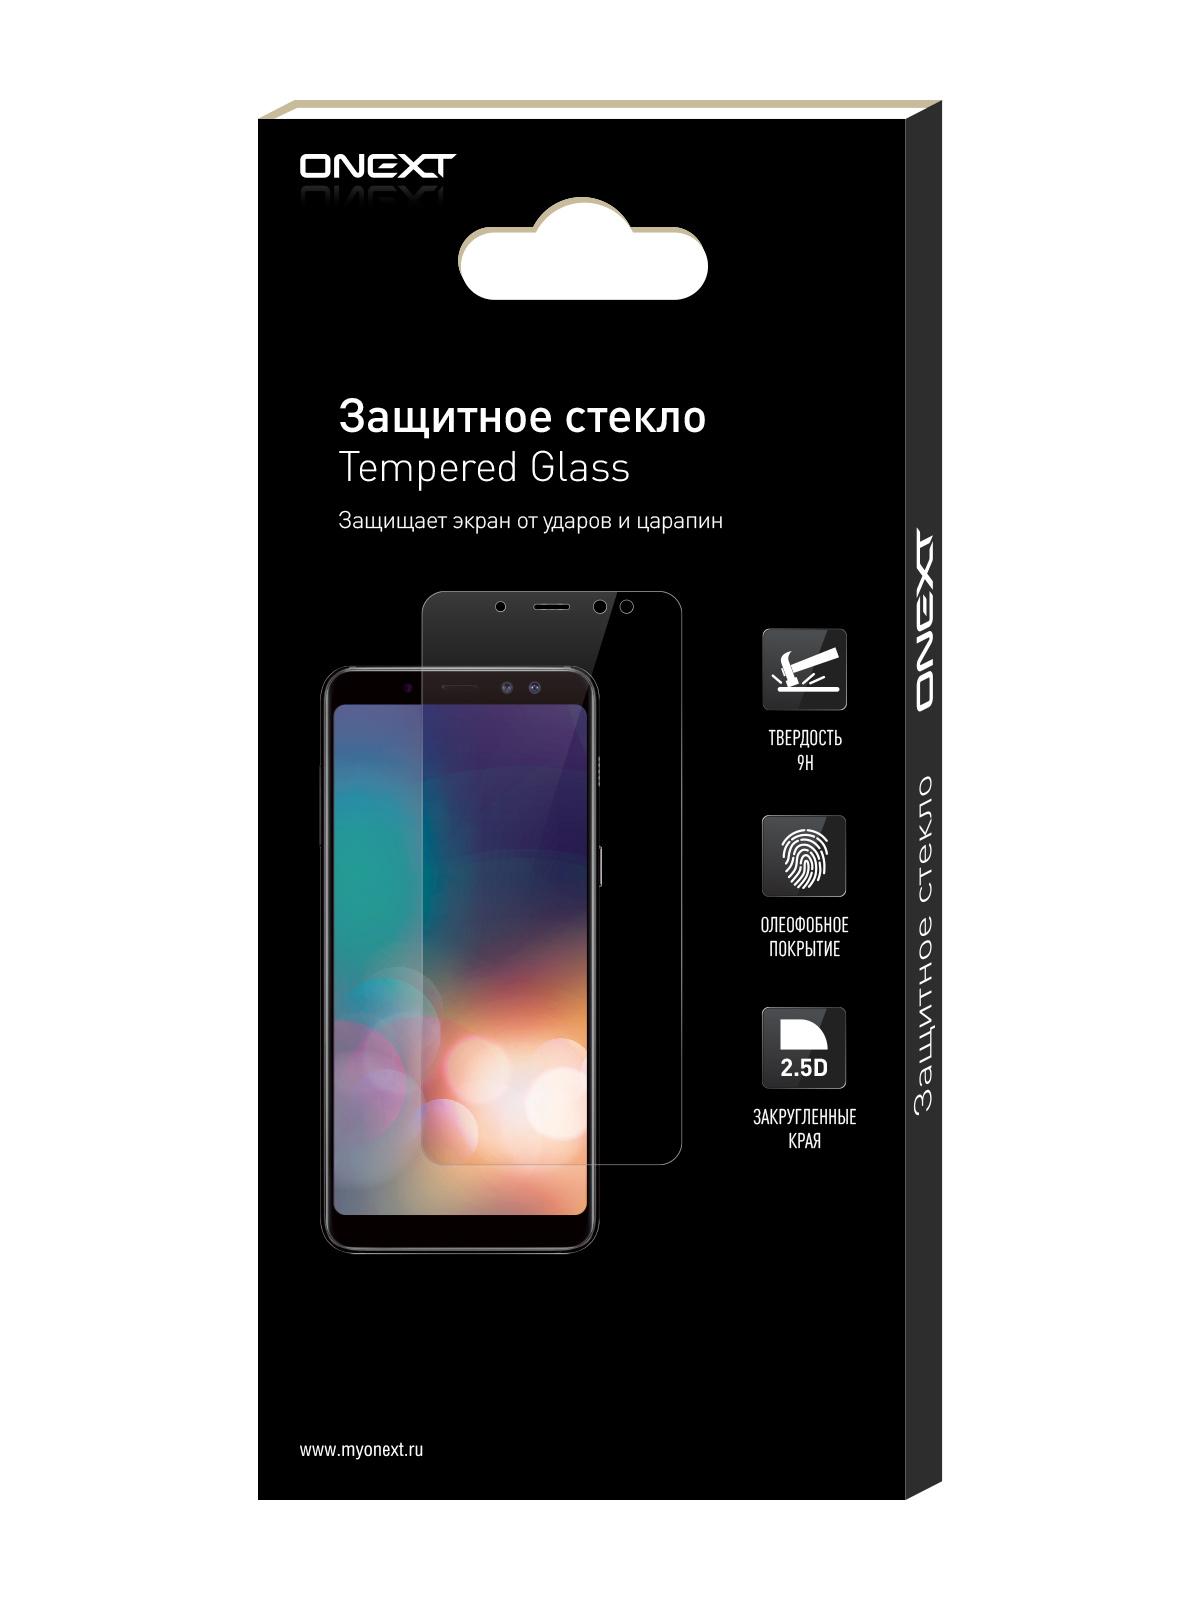 Защитное стекло ONEXT для Sony Xperia XA